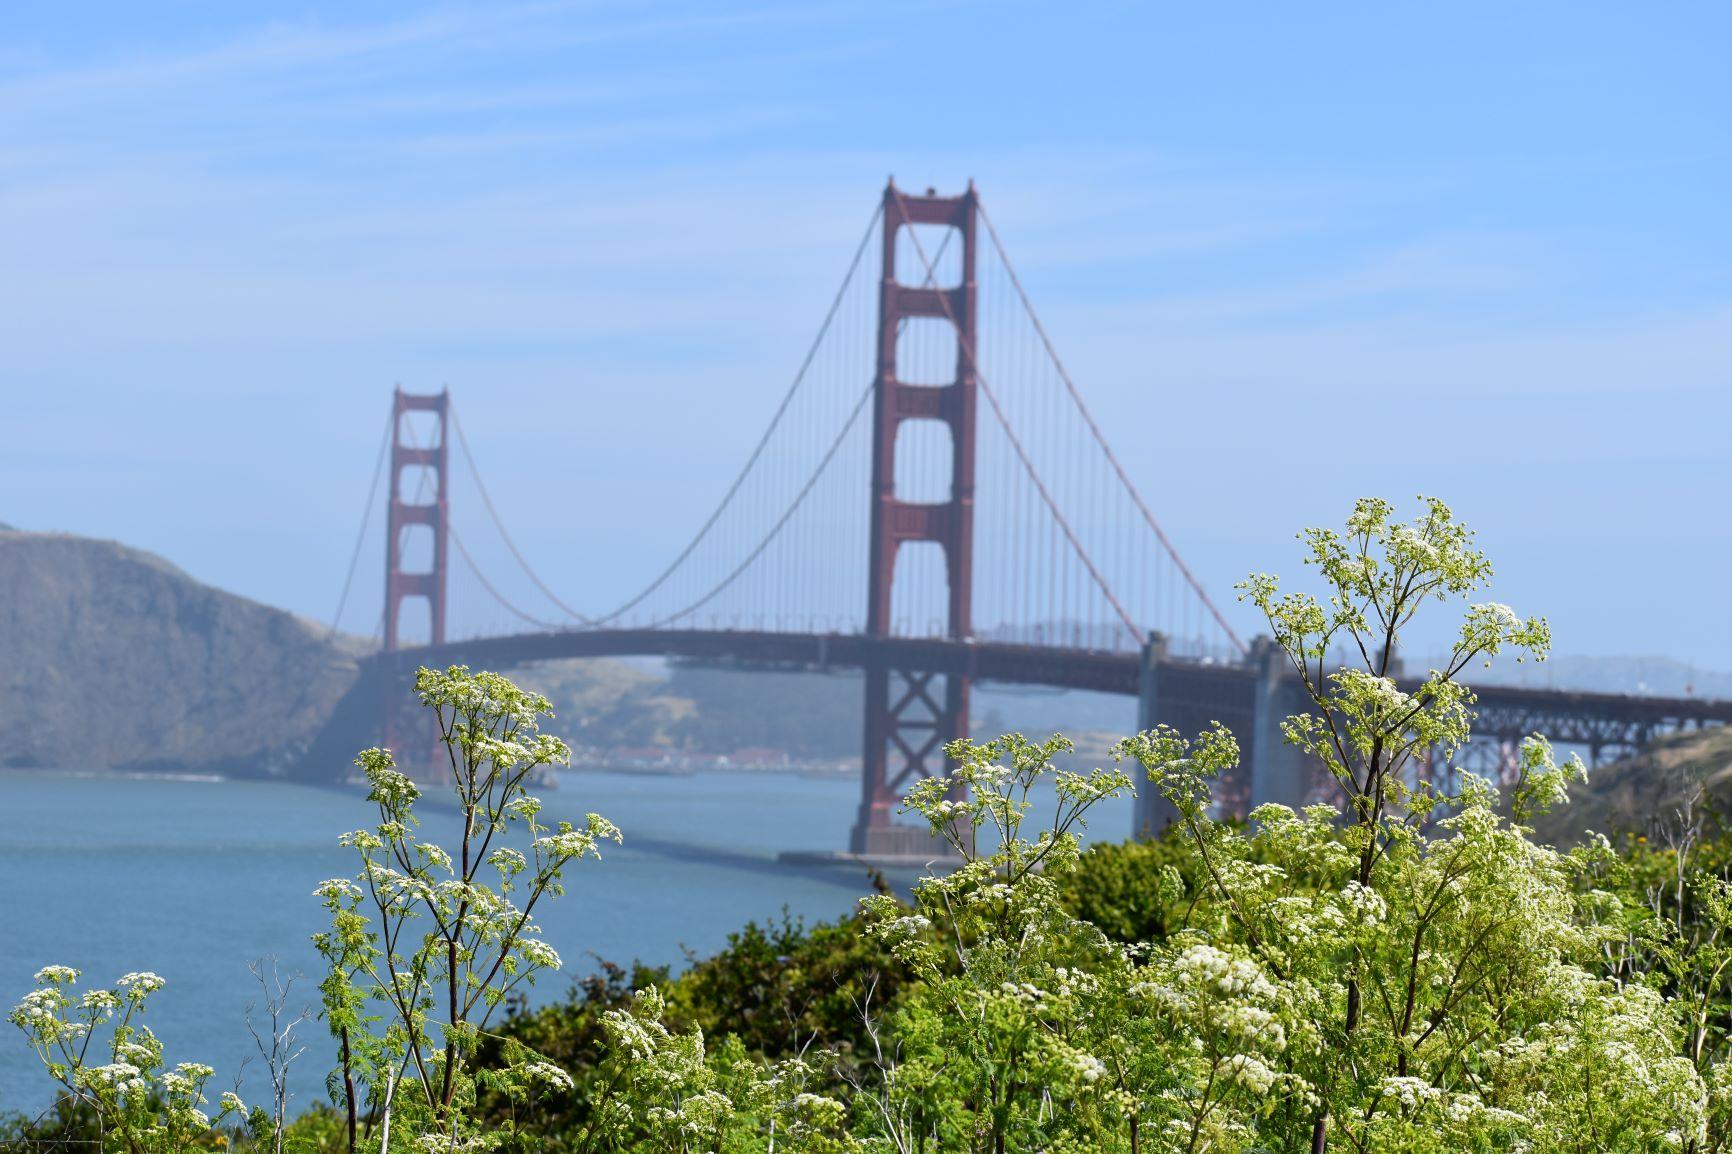 עם התה והלימון והספרים הישנים: יושב בסן פרנסיסקו על המים / יניר רובינשטיין